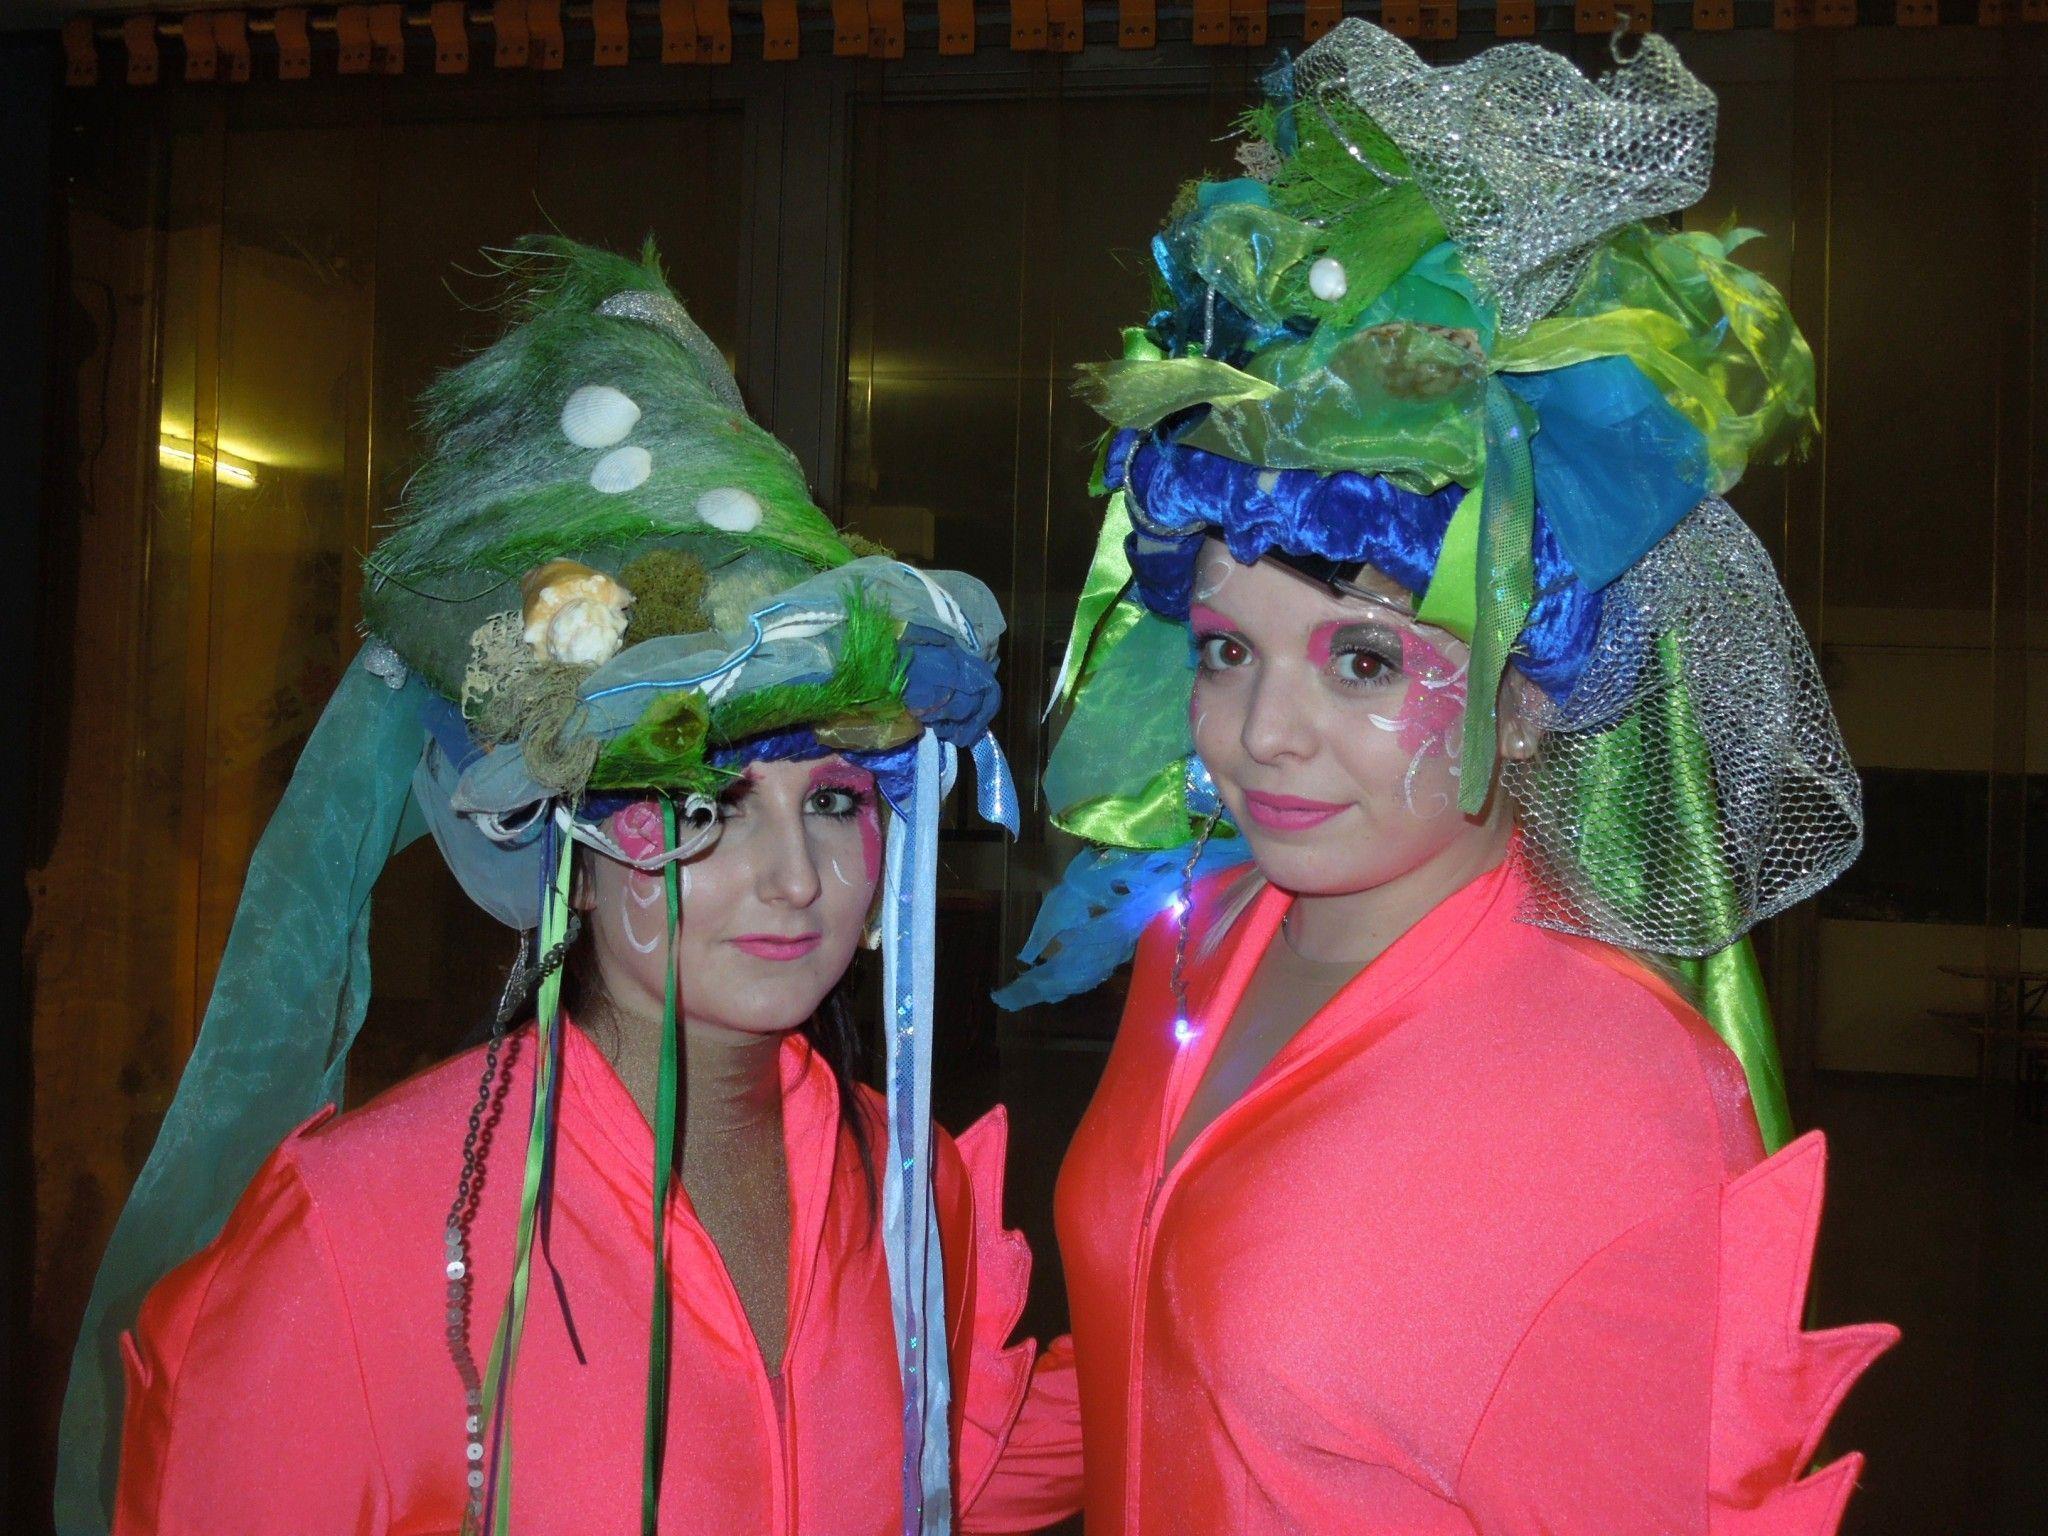 Anna und Linda vom Eislaufverein Dornbirn warteten etwas aufgeregt auf ihren Auftritt bei der 9. Eisgala im Messestadion.